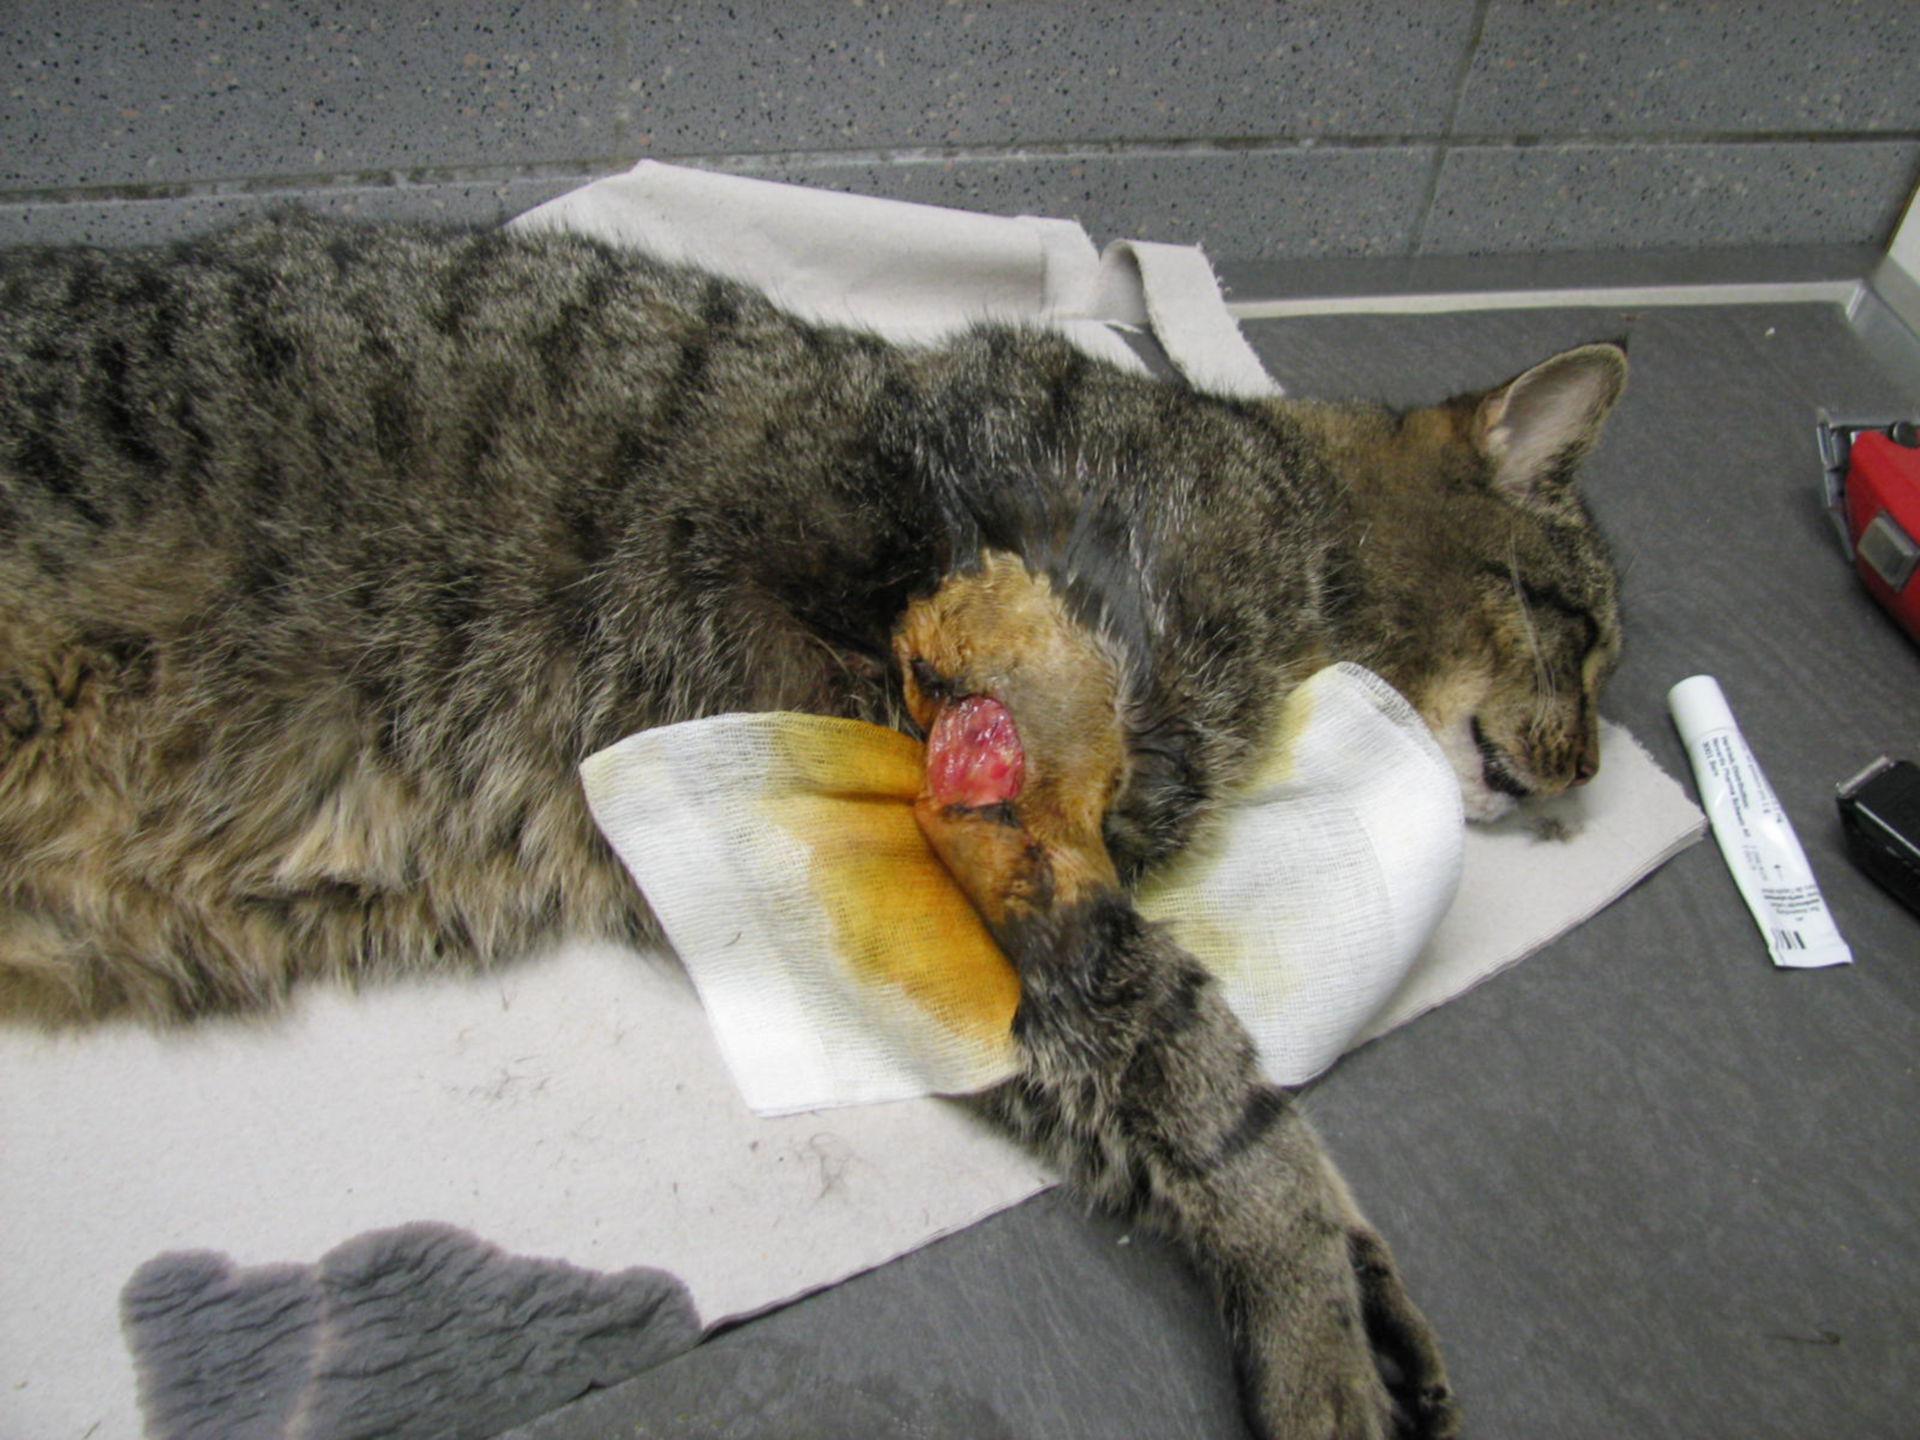 Halsbandverletzung Katze